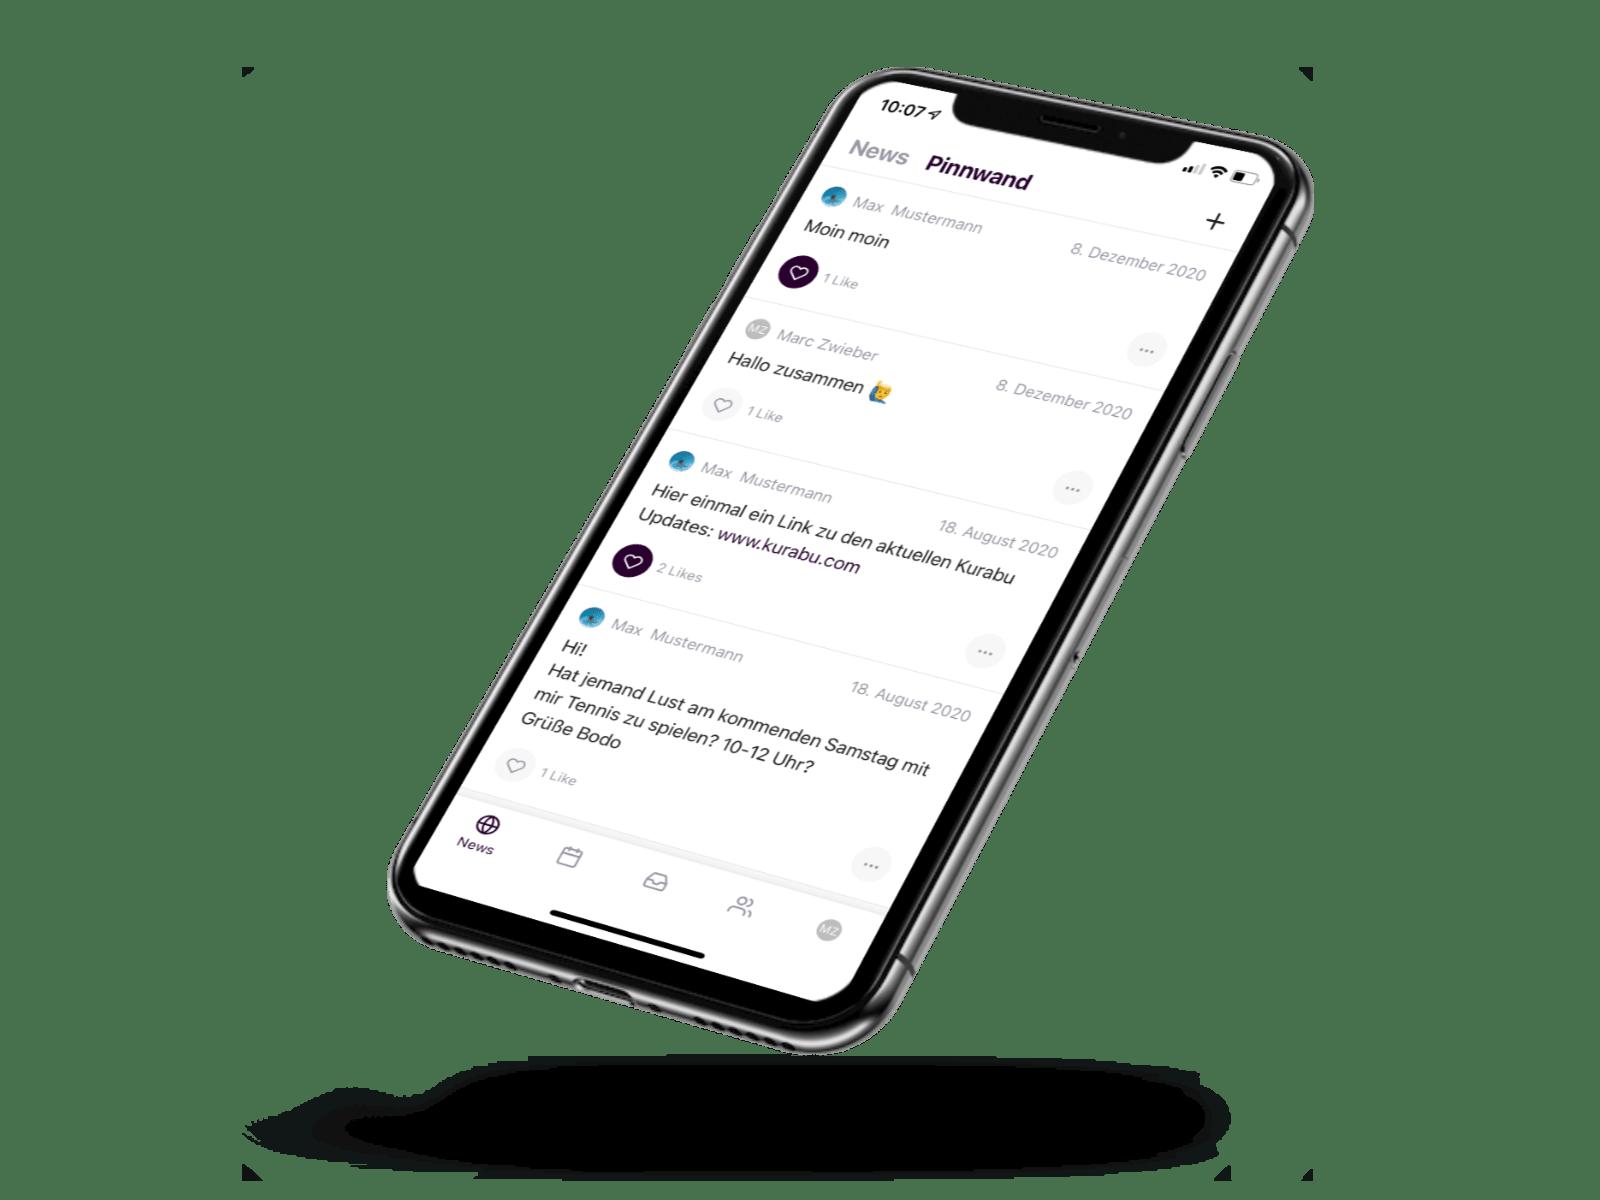 Ein Handy zeigt die digitale Pinnwand, wo Mitglieder etwas geposted haben.